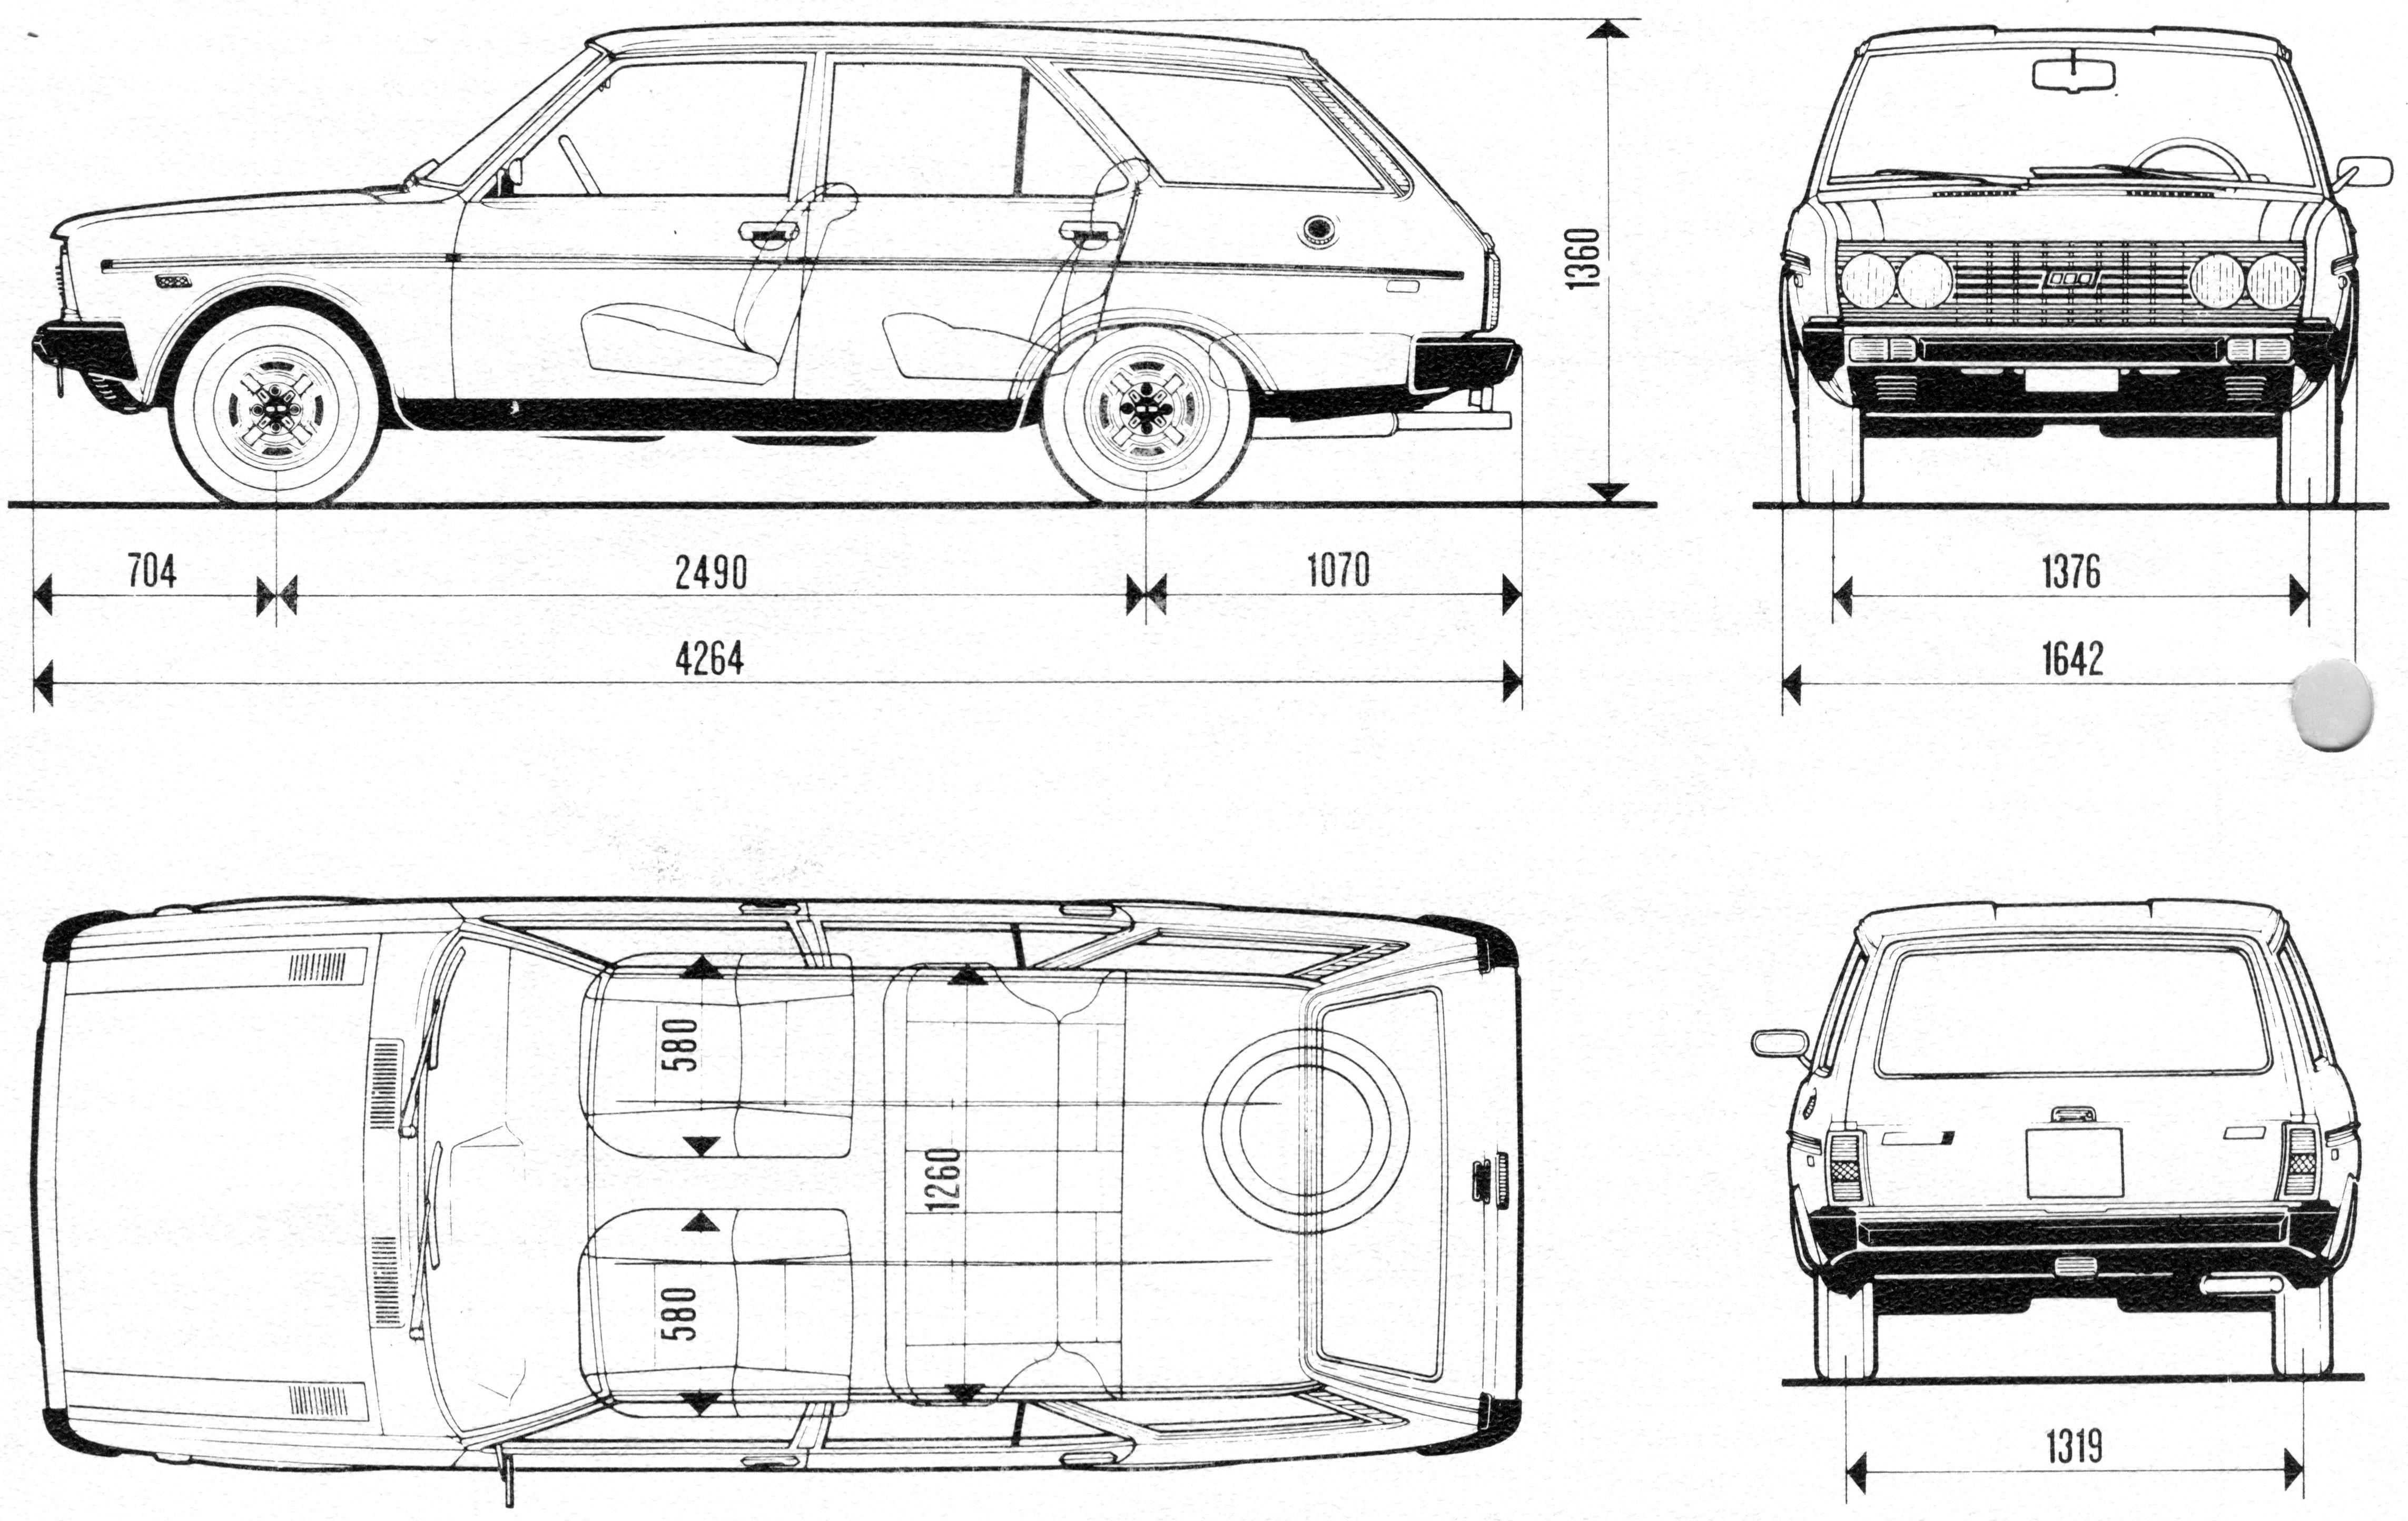 Fiat 131 blueprint